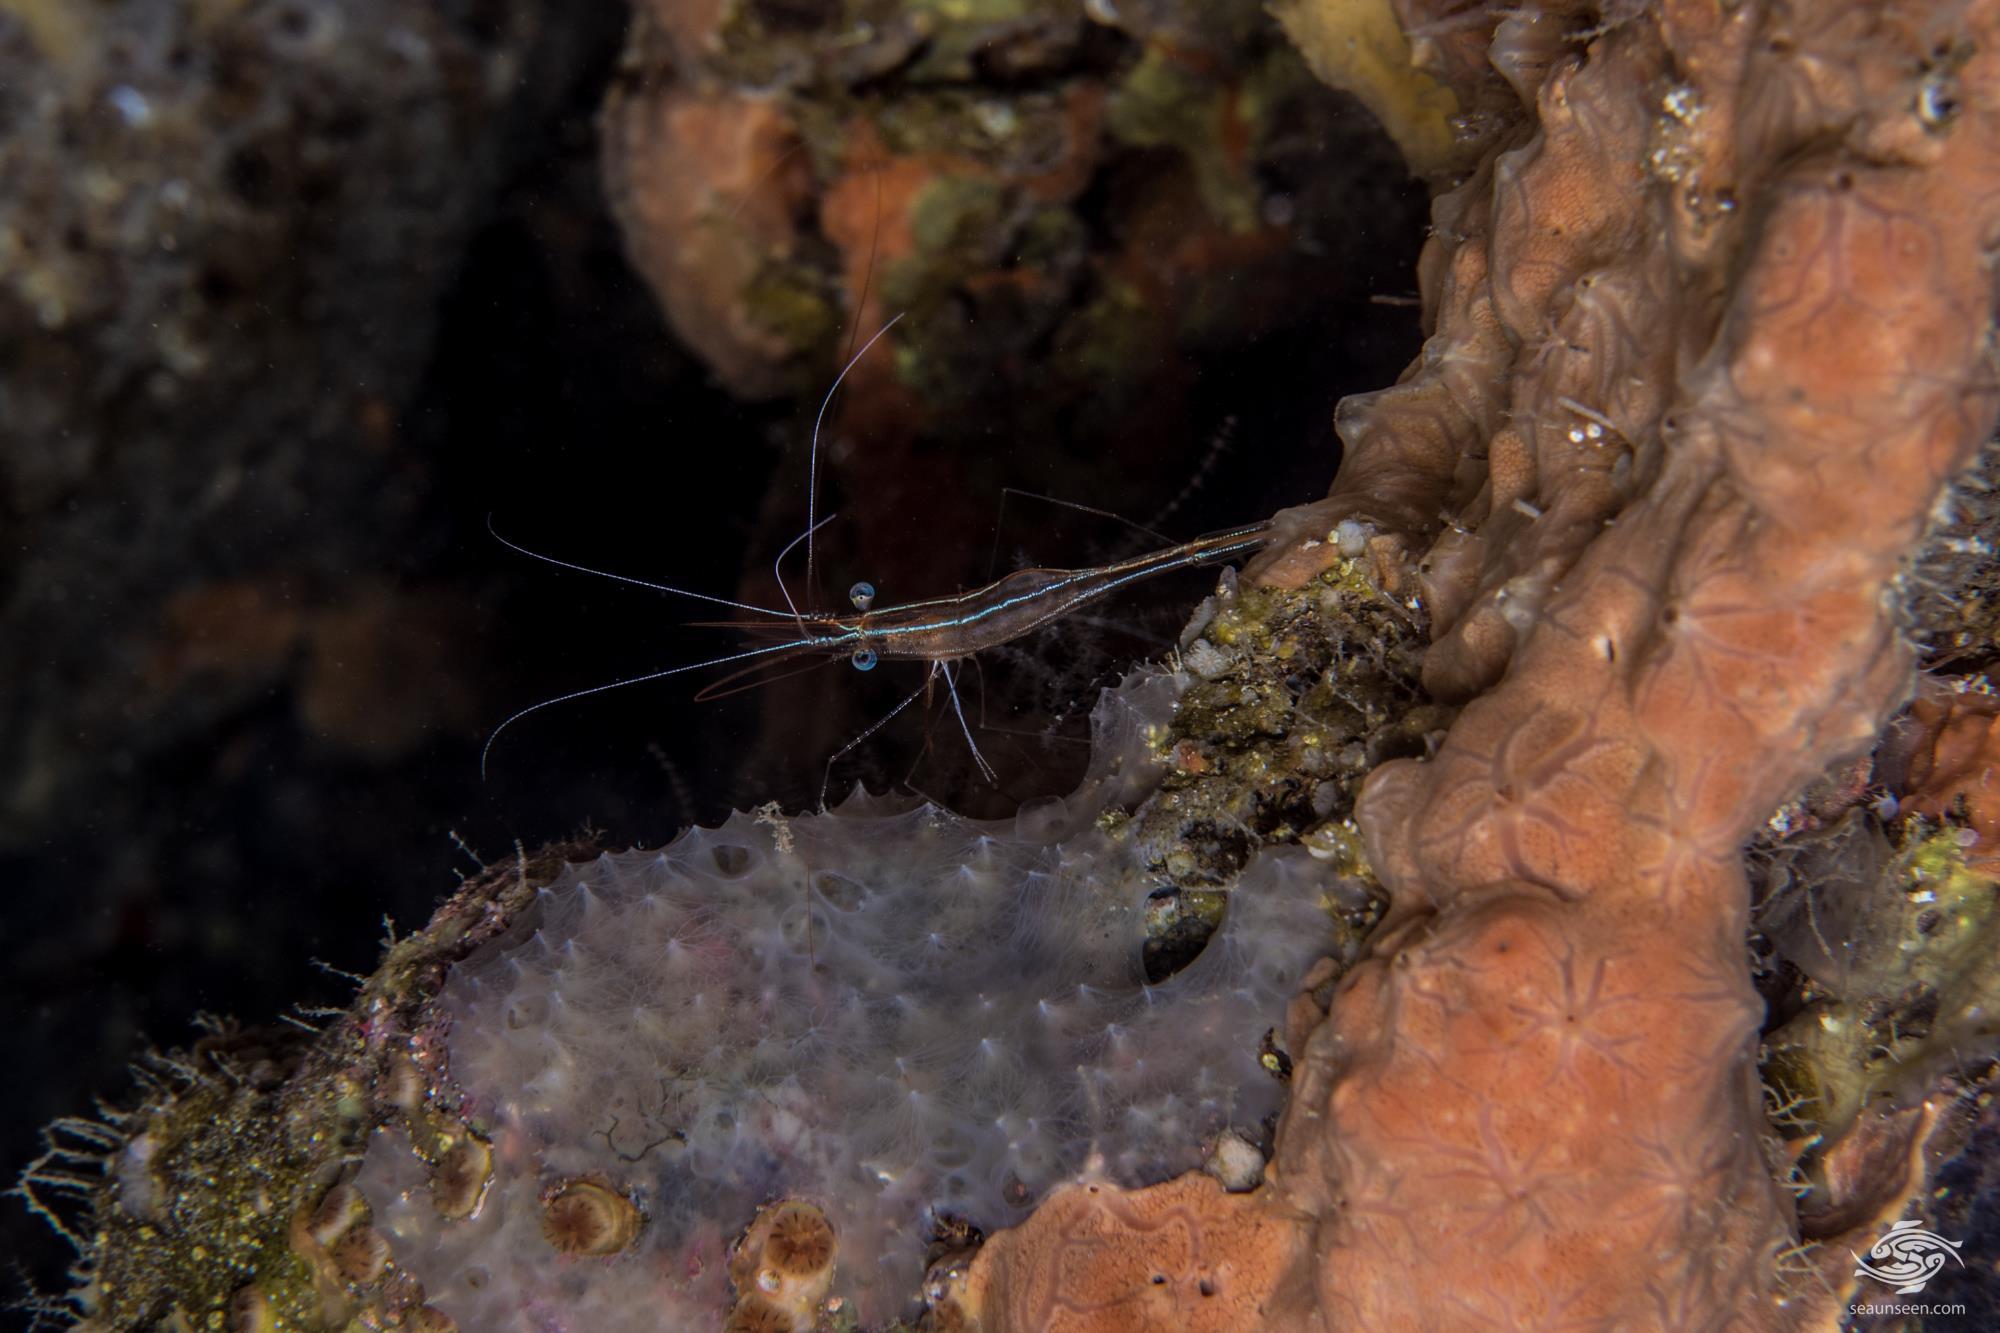 Unicorn Shrimp in the genus Plesionika